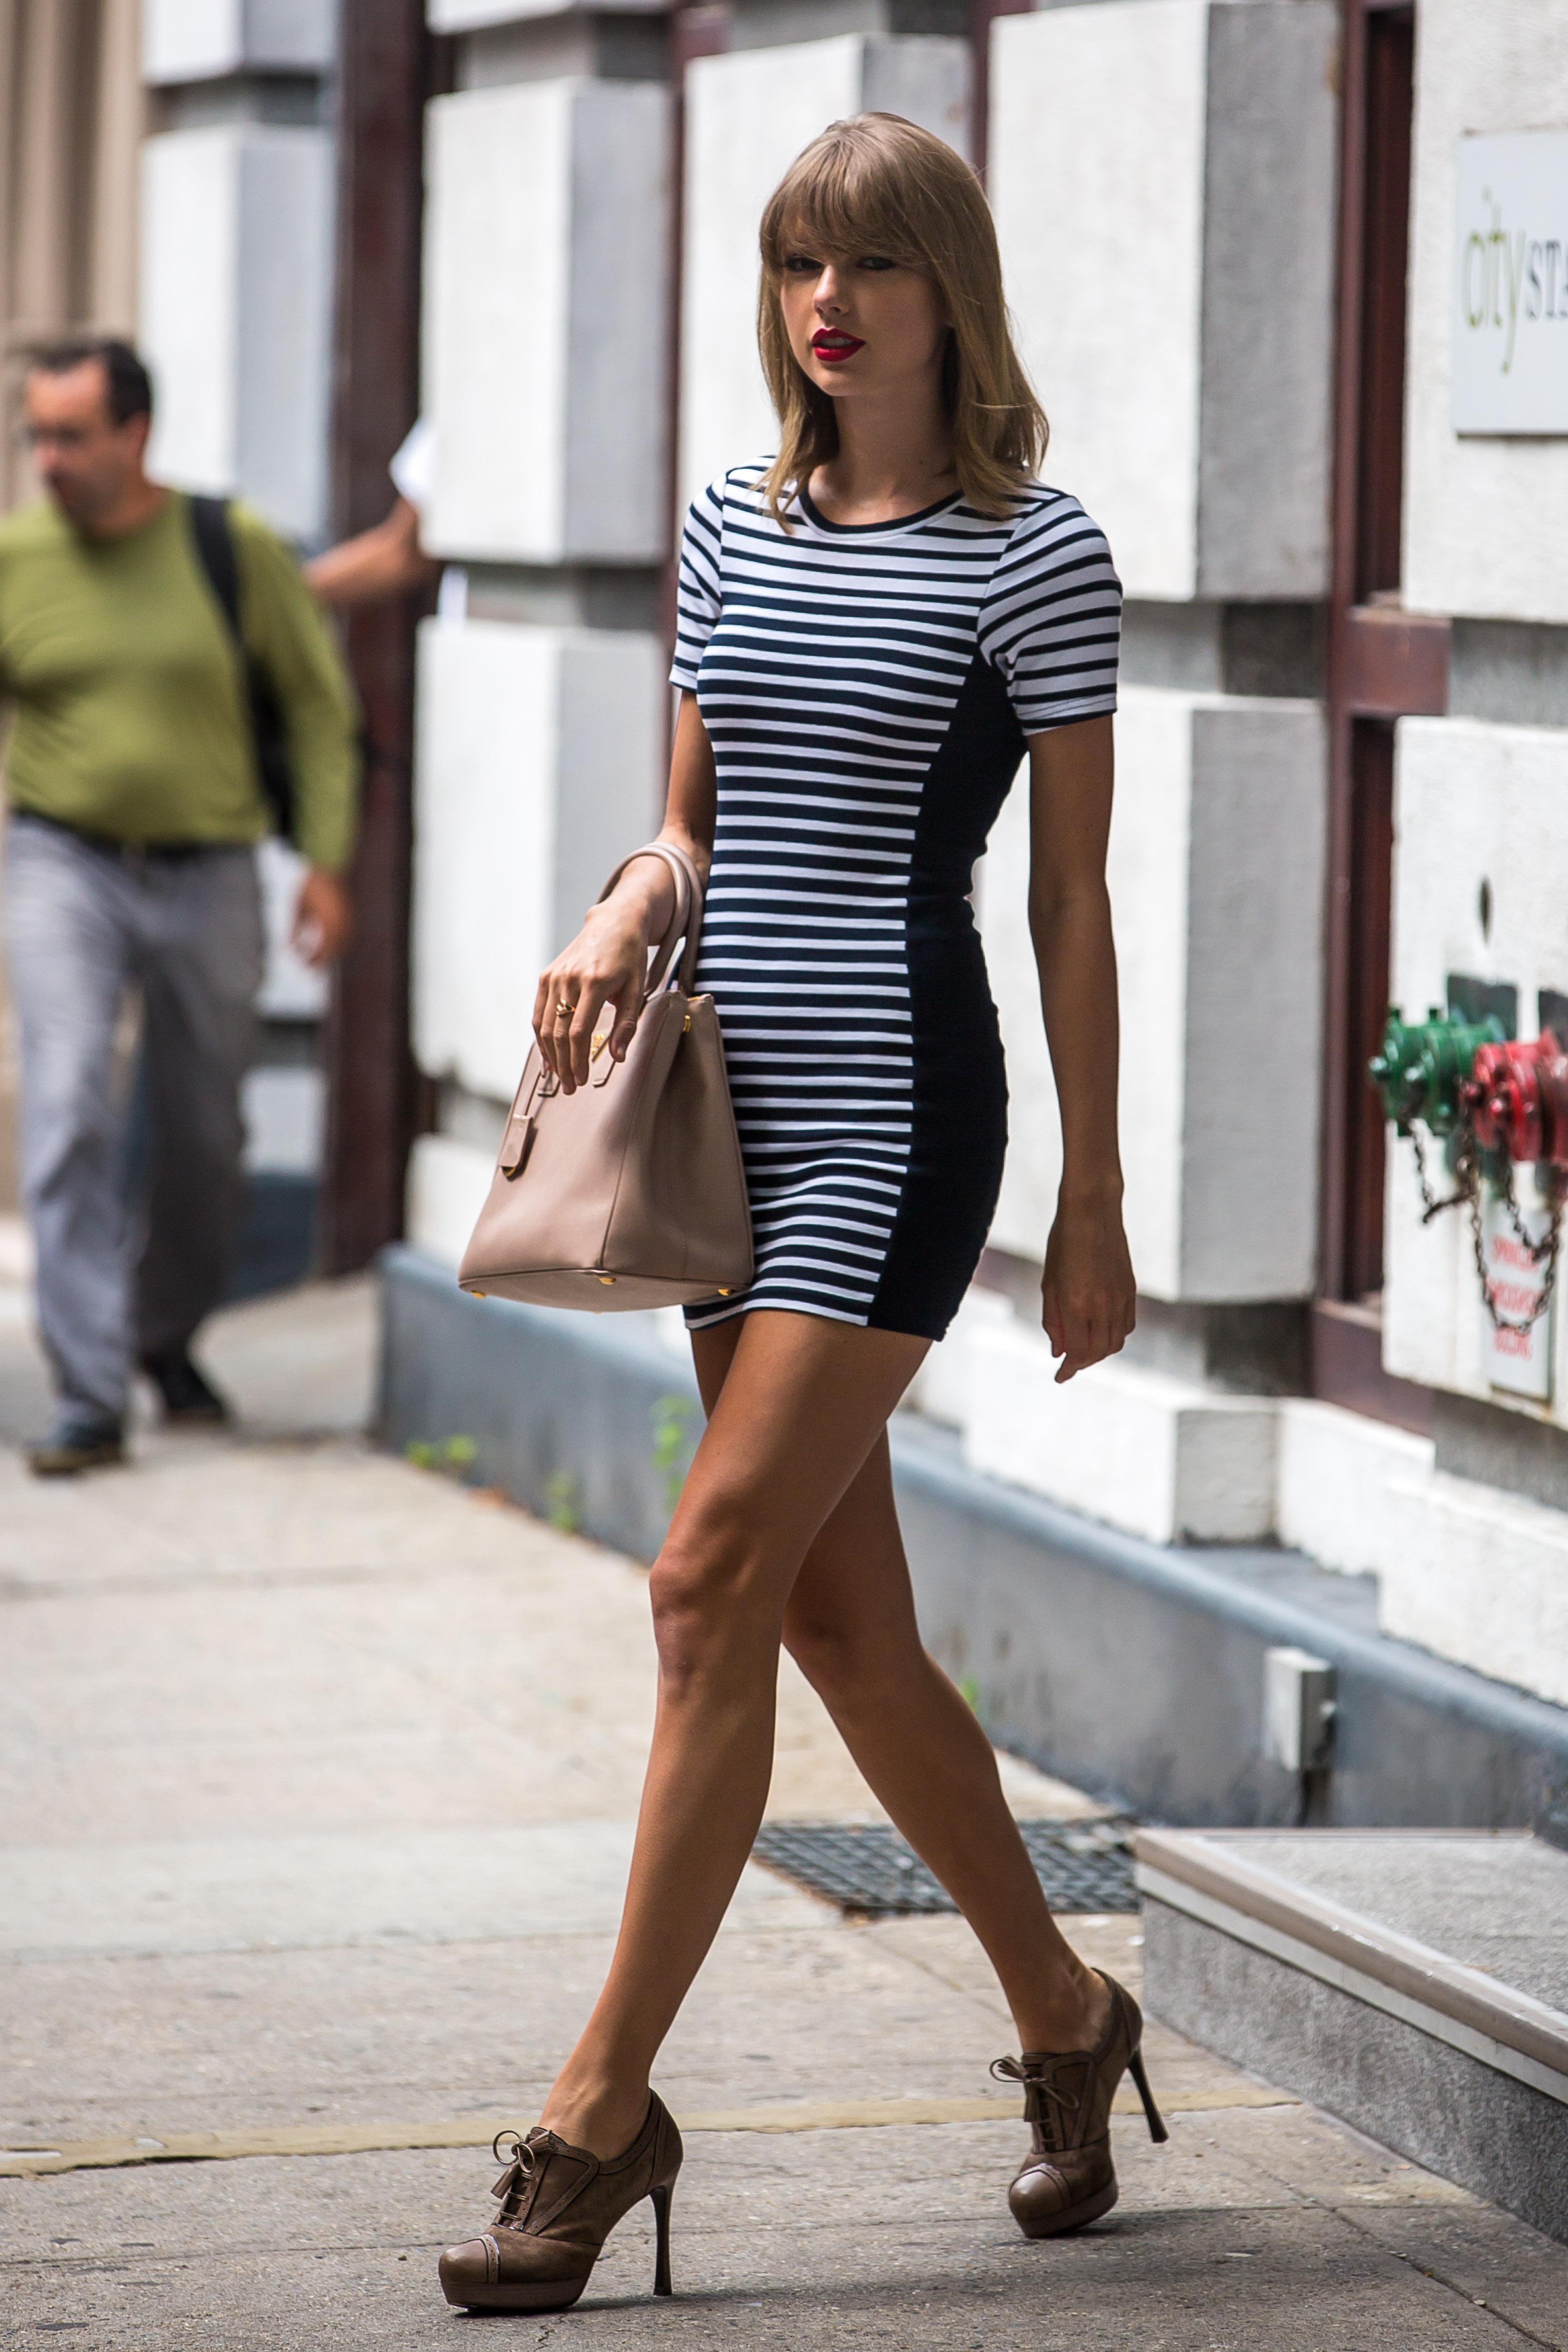 Фото девушек с длинными ножками 17 фотография